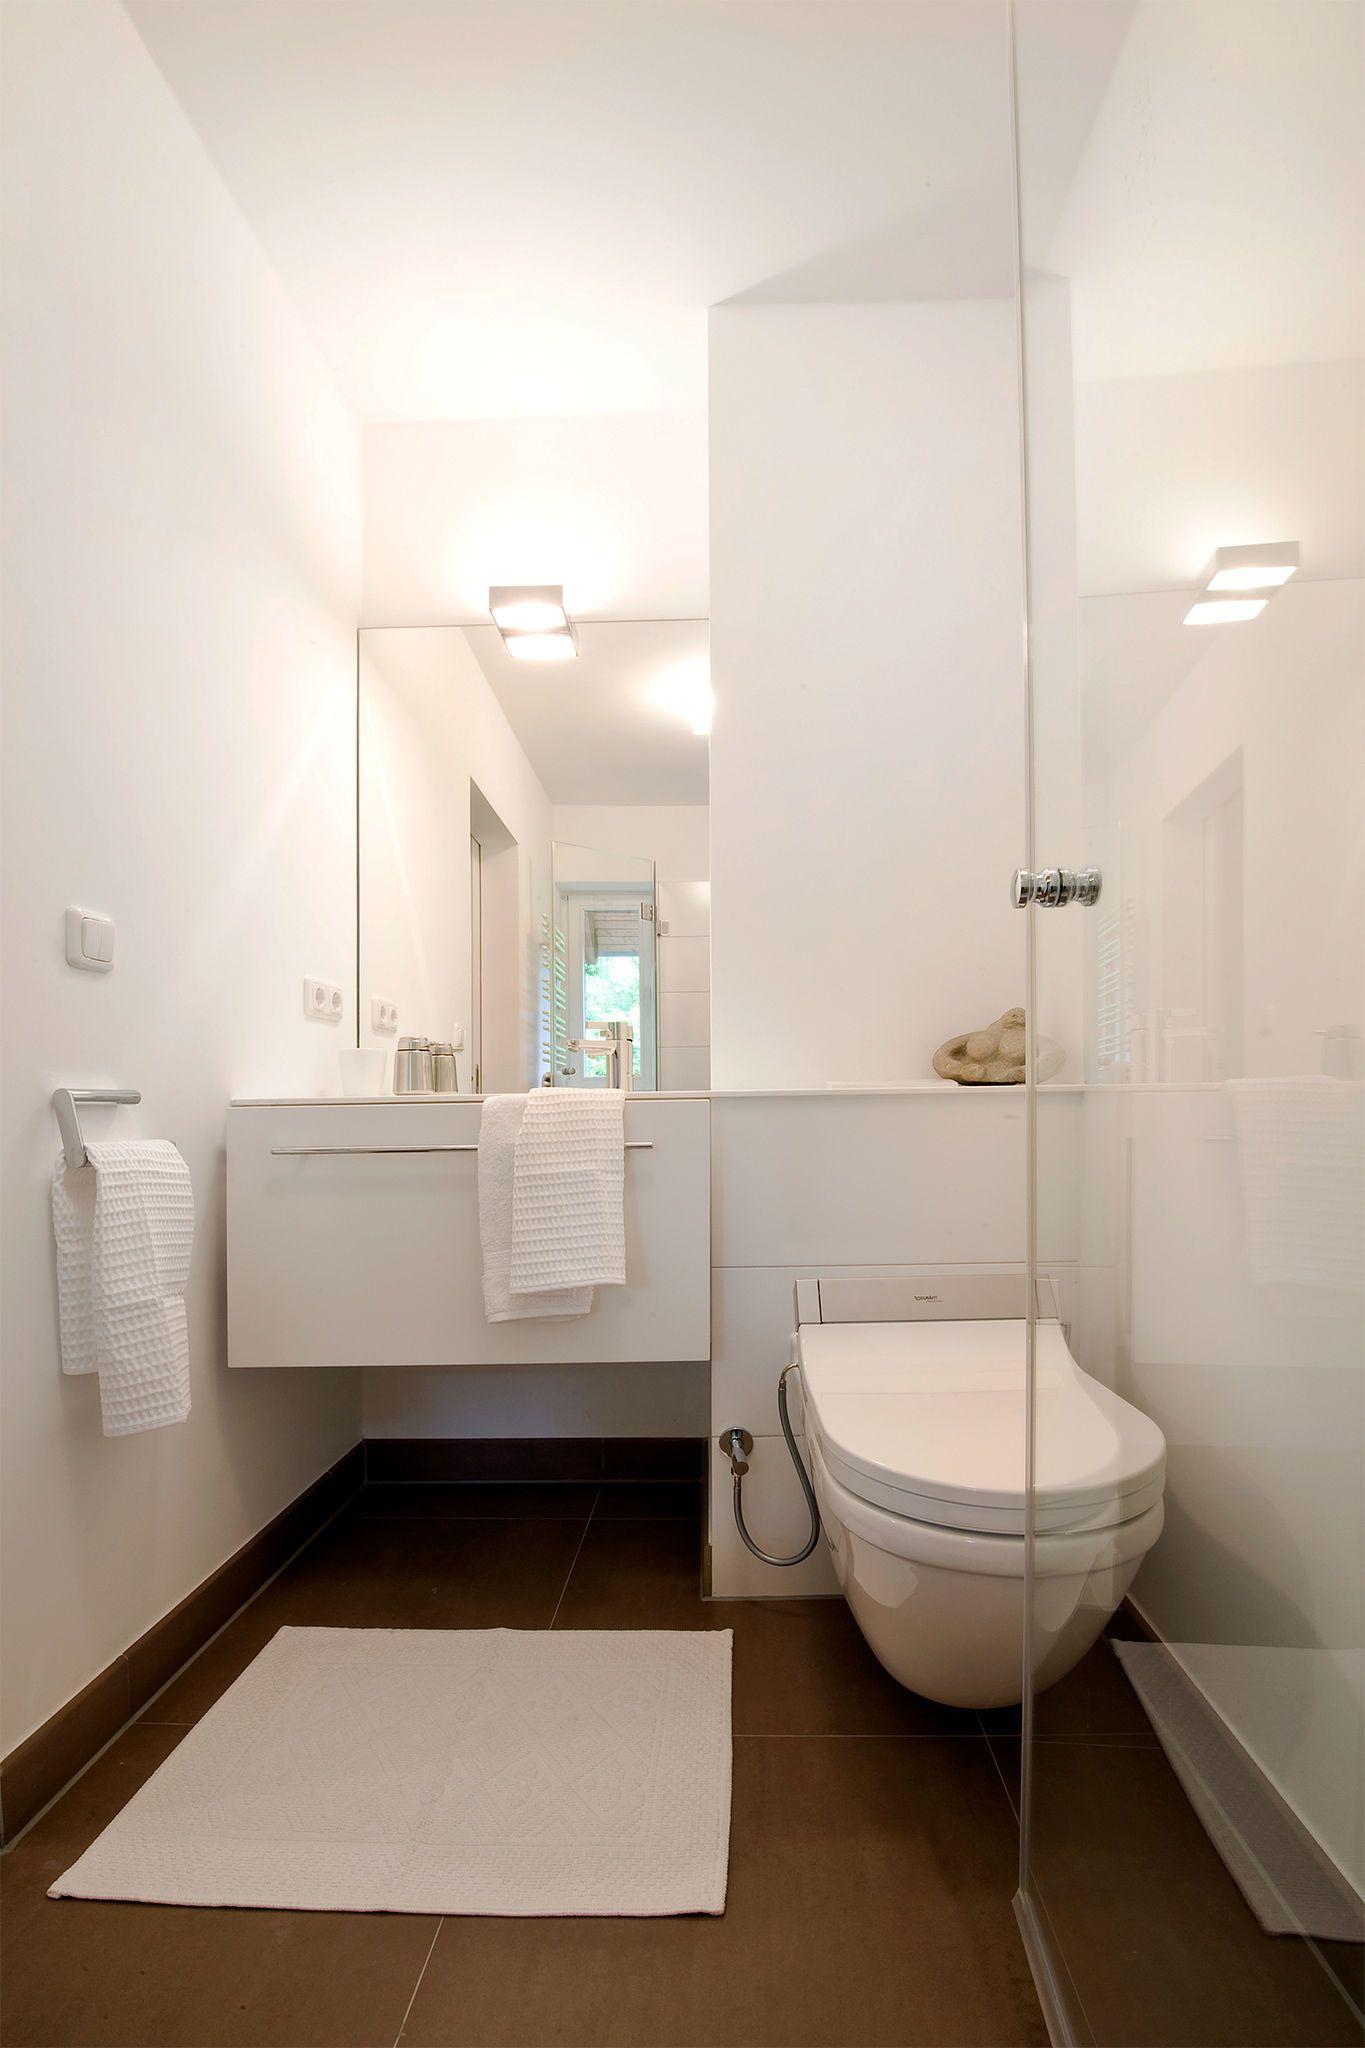 Gastebad Mit Grossformatigen Fliesen In Graubraun Badezimmer Der Hans Schramm Gmbh Co Kg In Munchen In 2019 Bad Badezimmer Und Wc Mit Dusche